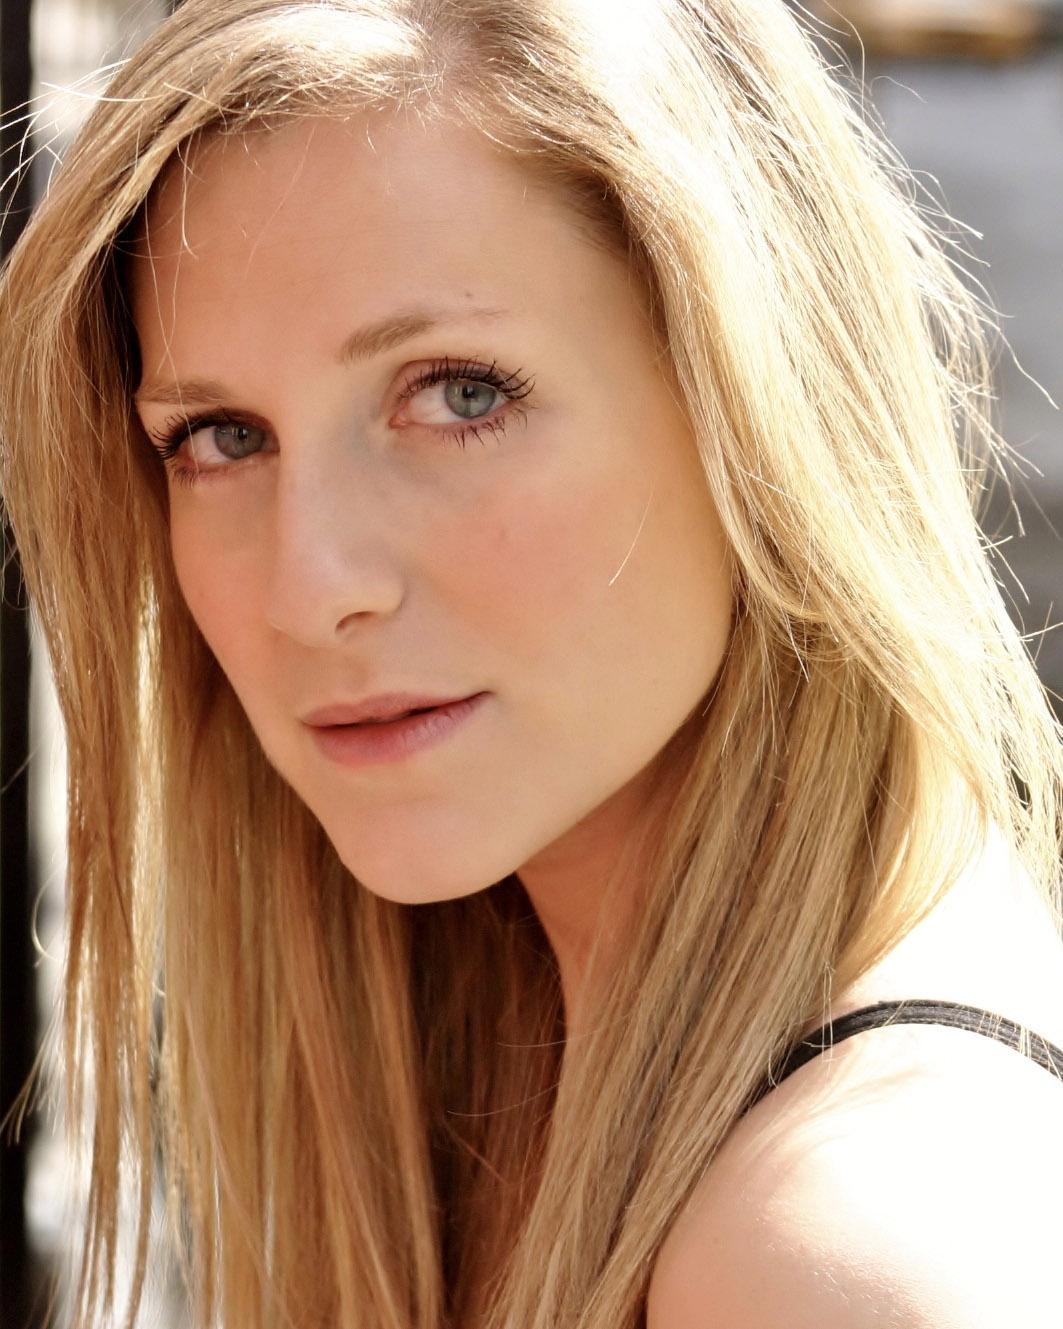 Kate Gersten